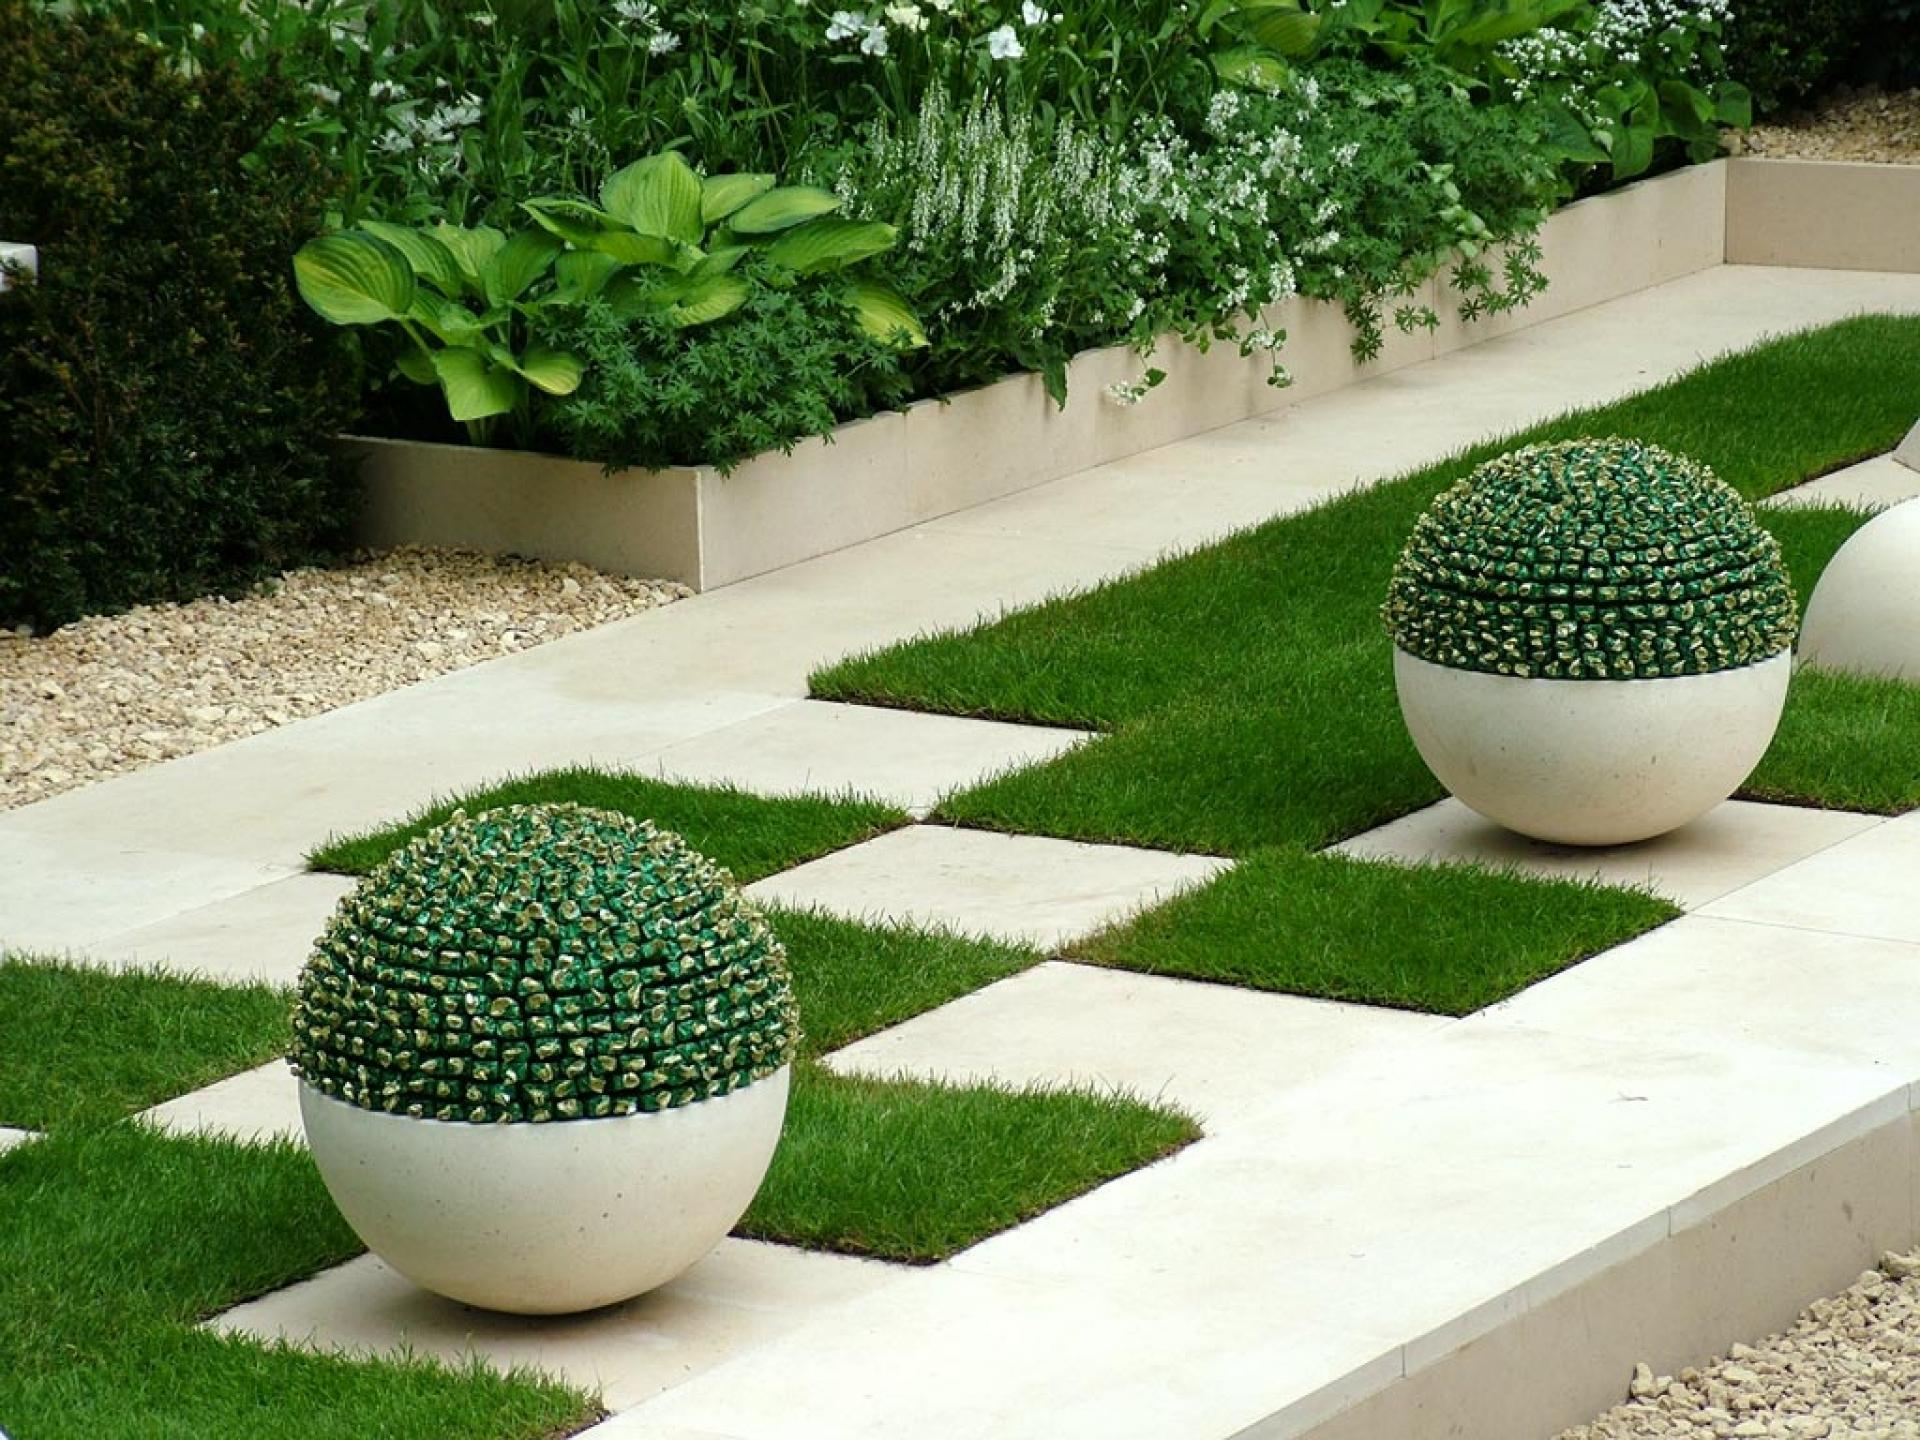 музее идея для газона в картинках разные влияют фокусное